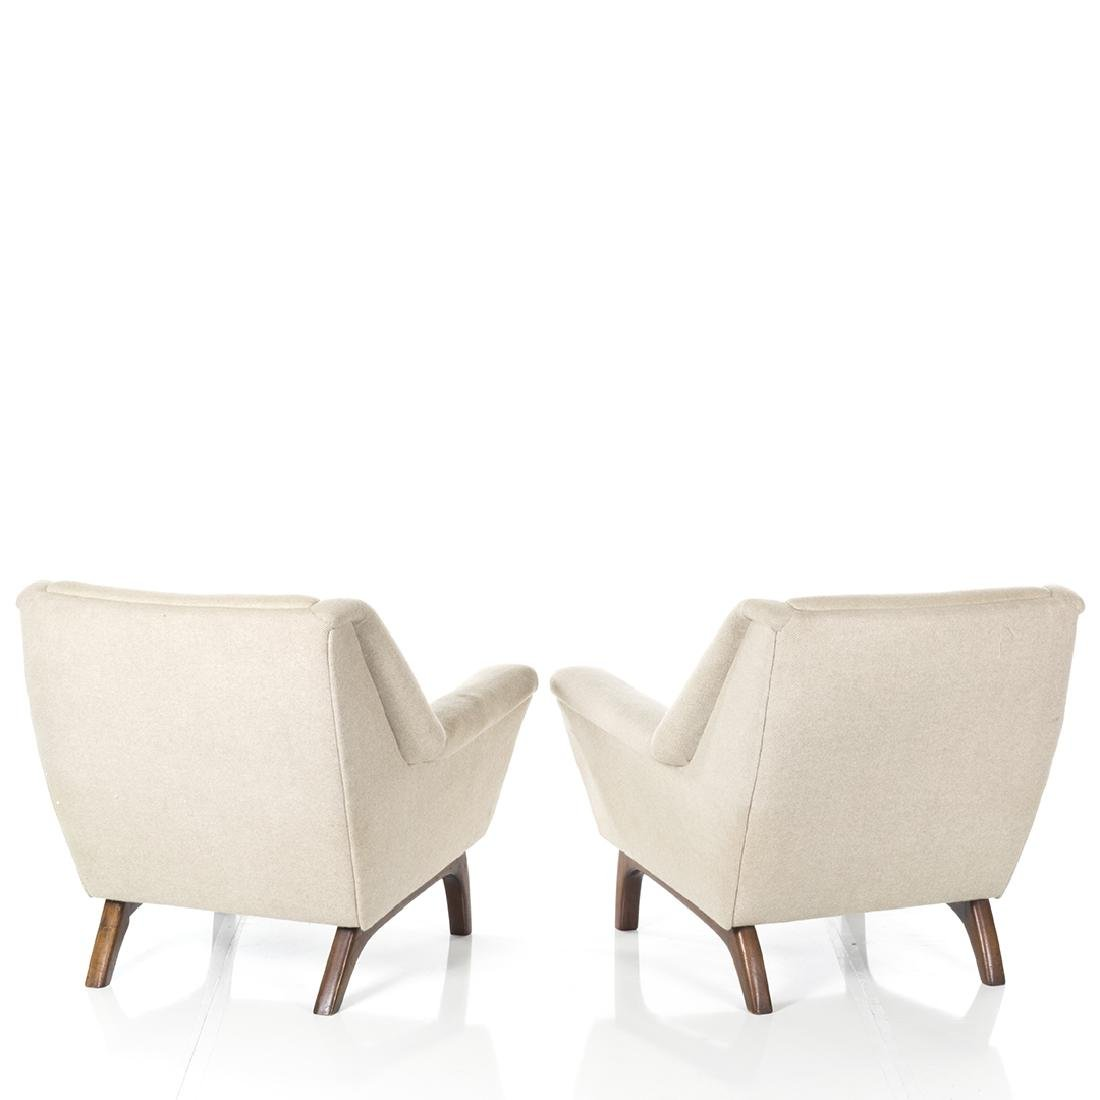 Danish Wool Lounge Chairs (2) - 3